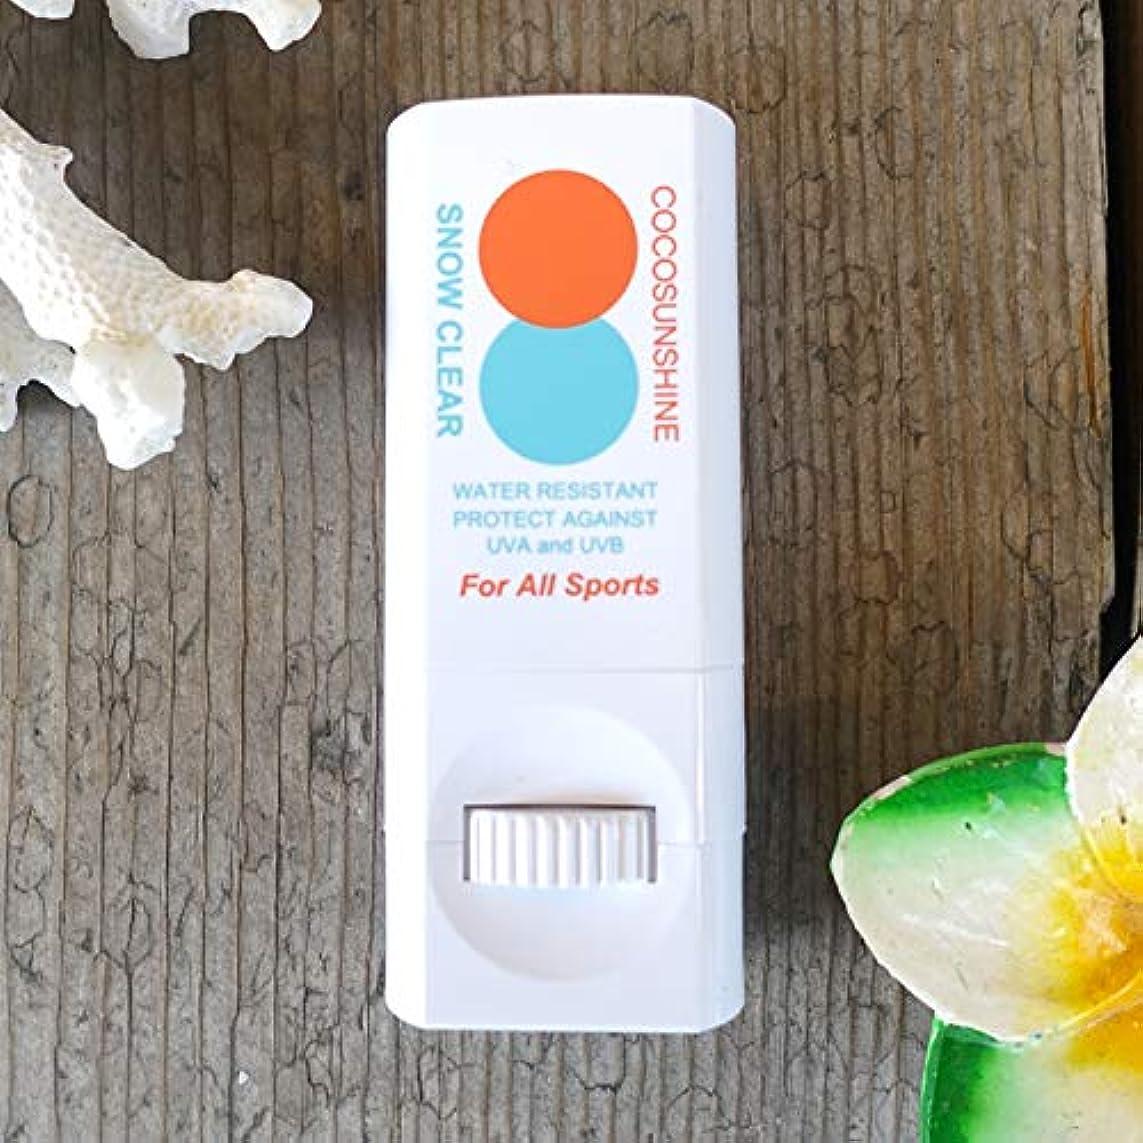 発送抗生物質バルコニーSnipe Sports Cosmetic(スナイプ スポーツ コスメティック) COCO SUNSHINE ココサンシャイン 固形 日焼け止め スティック 練り出しタイプ UVプロテクト SPF30 PA++ スノークリア